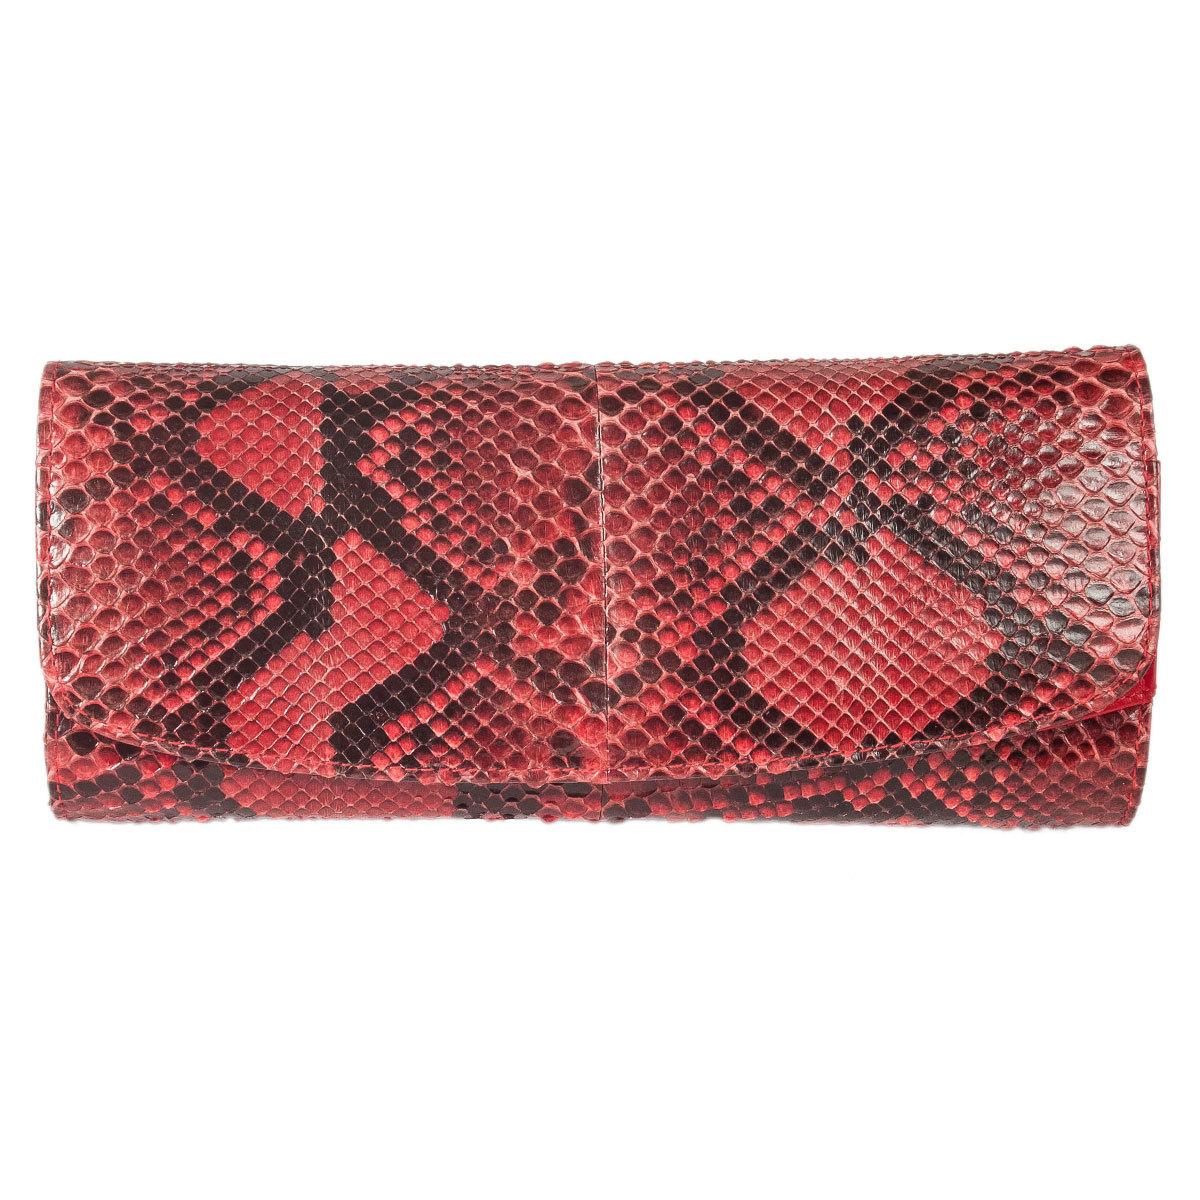 Купить со скидкой Barbara Bui черный клатч из кожи змеи